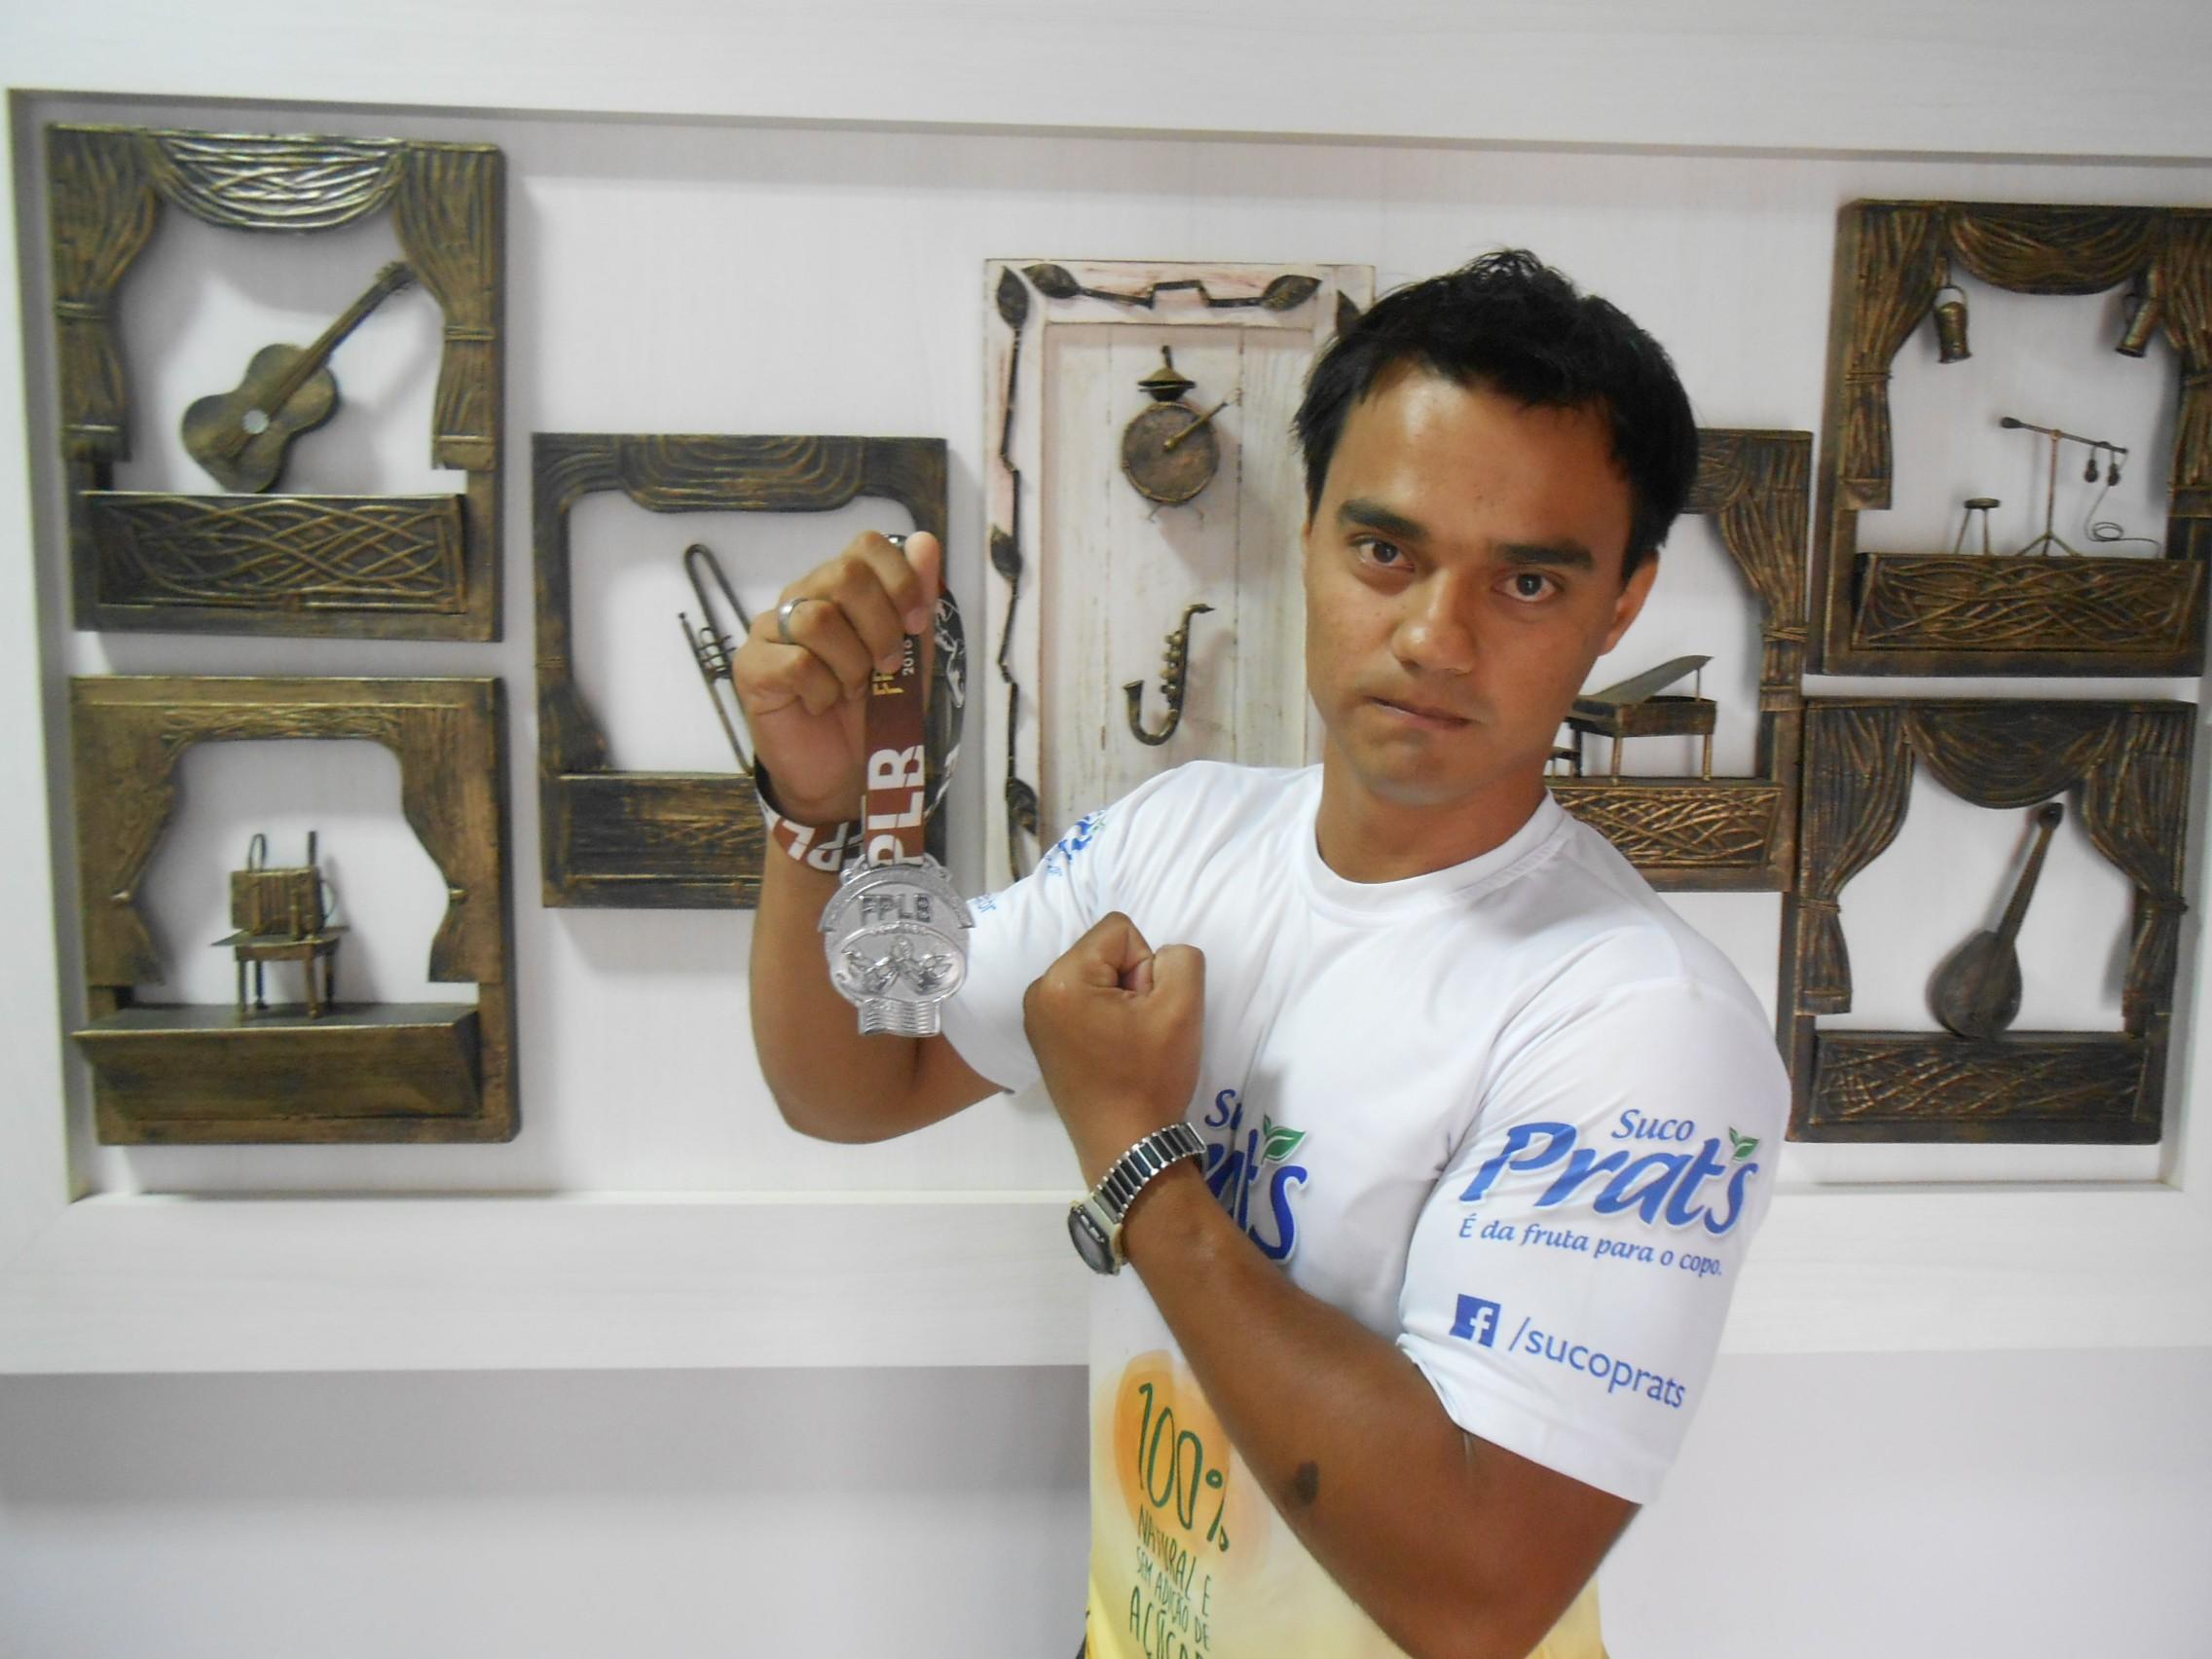 Recentemente, Christian Silva ficou em 2° lugar em competição de iniciantes e conseguiu vaga para o Paulista de luta de braço (Foto: Fábio Penariol/Jornal 101)